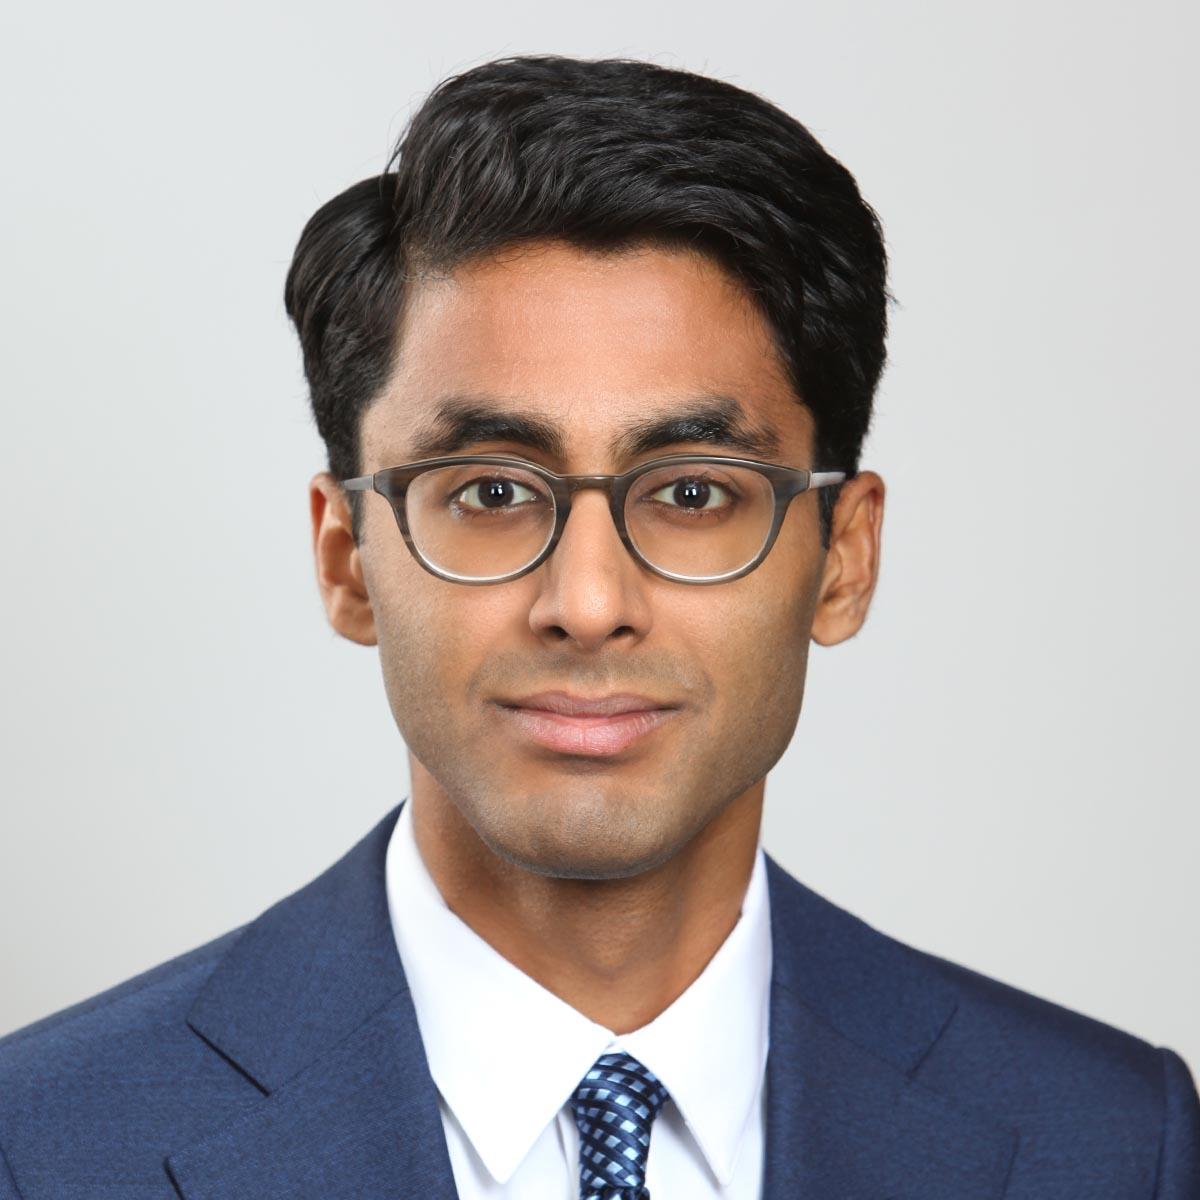 male headshot with eyeglasses